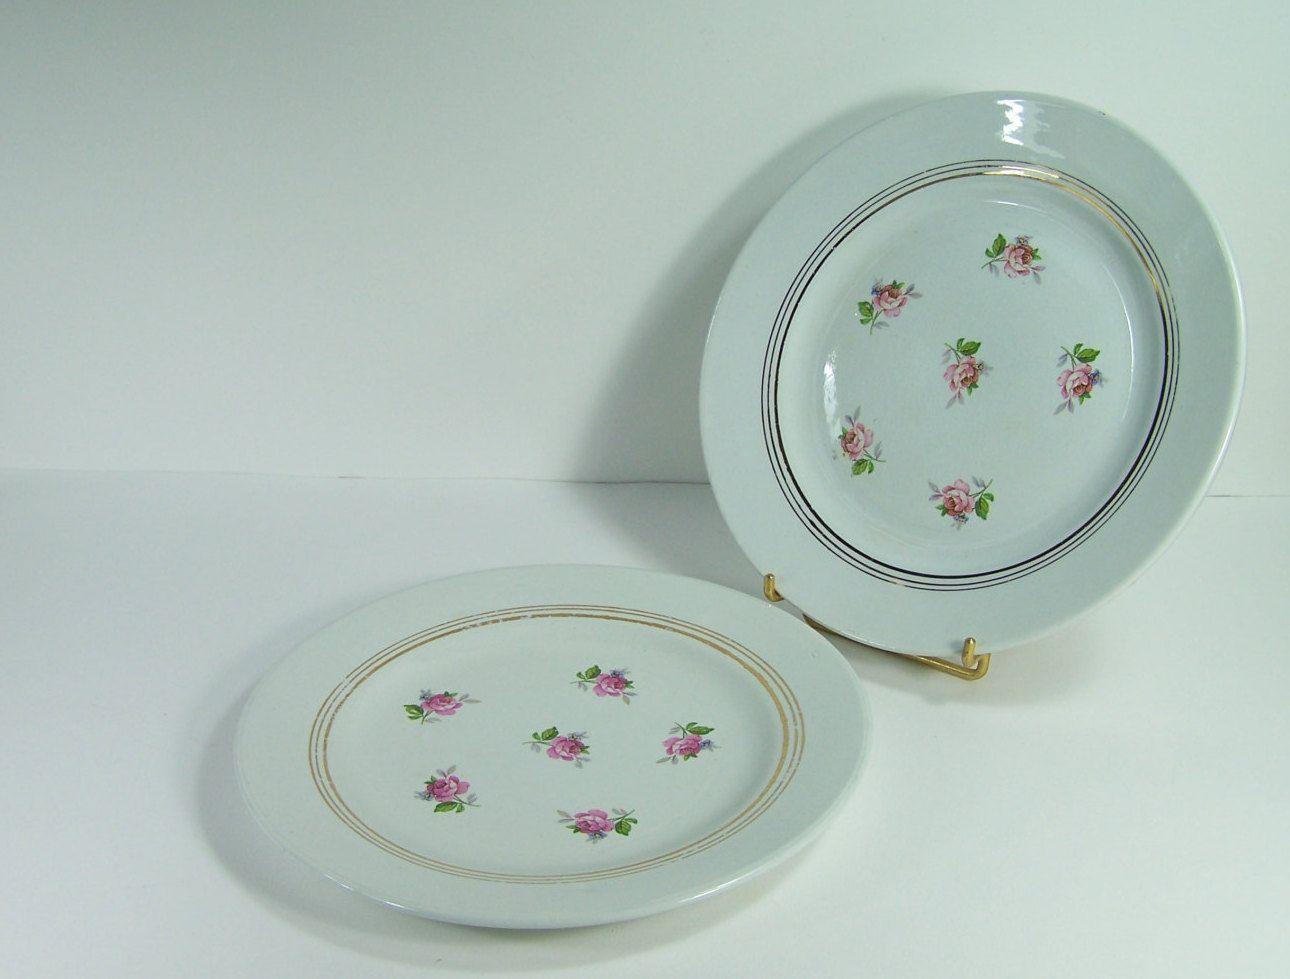 2 assiettes à dessert filet or et roses roses en porcelaine opaque SA  vintage Made in France de la boutique MyFrenchIdeedAntique sur Etsy